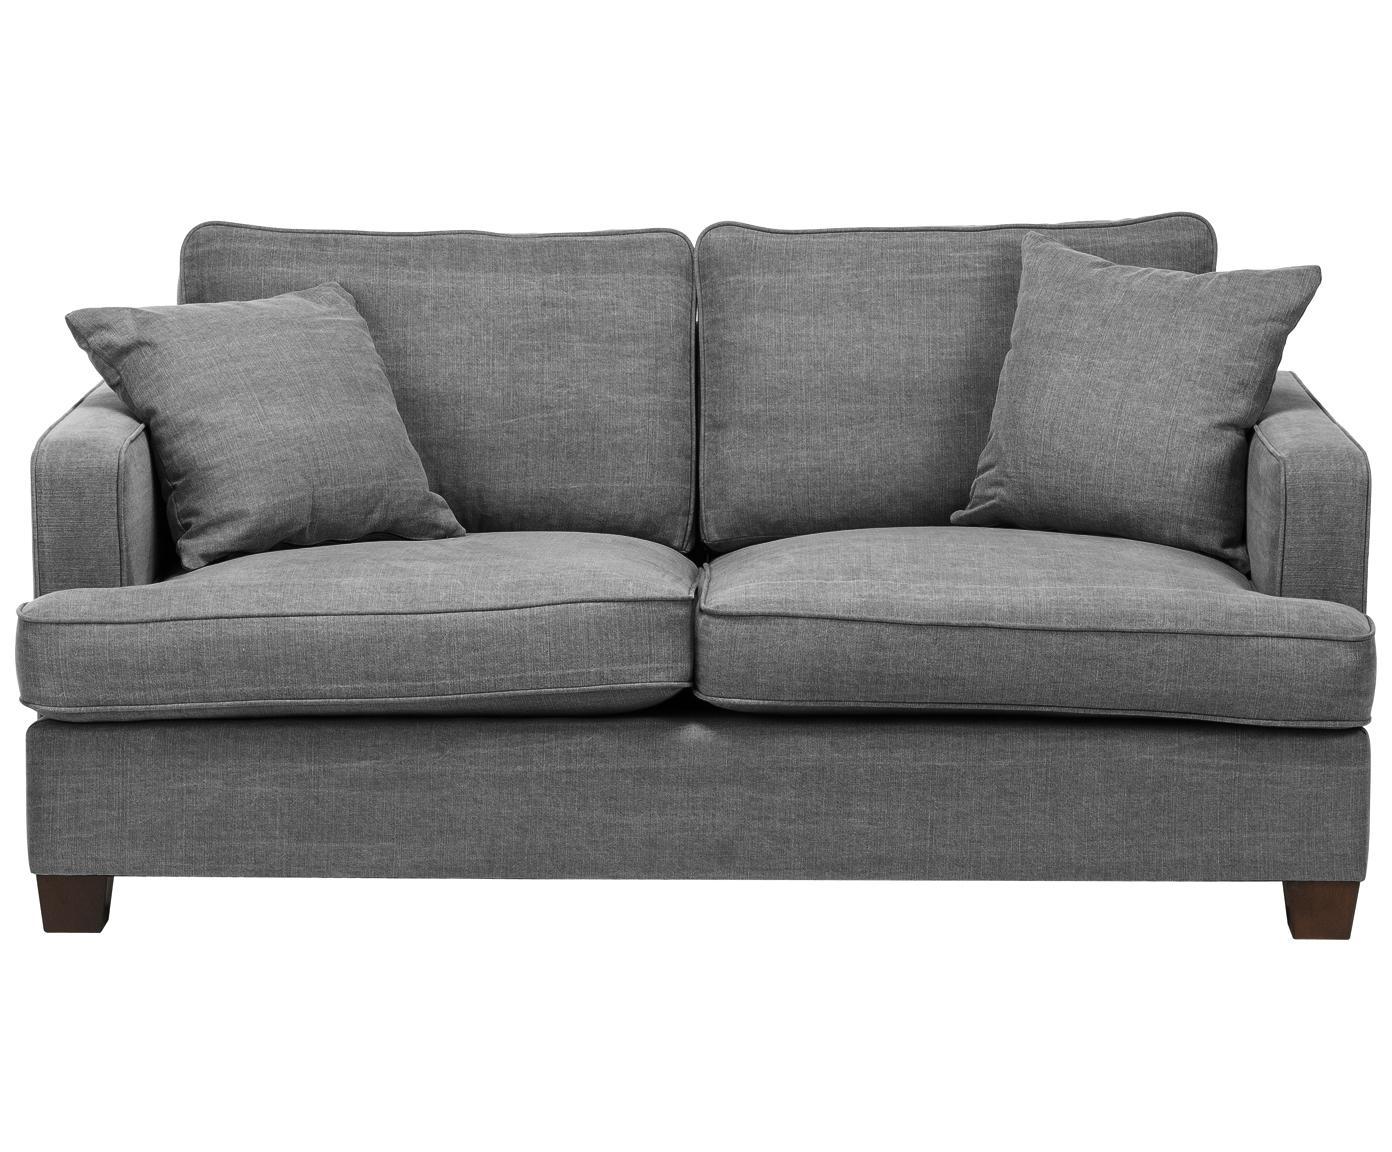 Sofá grande Warren (2plazas), Estructura: madera, Tapizado: 60%algodón, 40%lino El , Patas: madera negra, Gris, An 178 x Al 85 cm